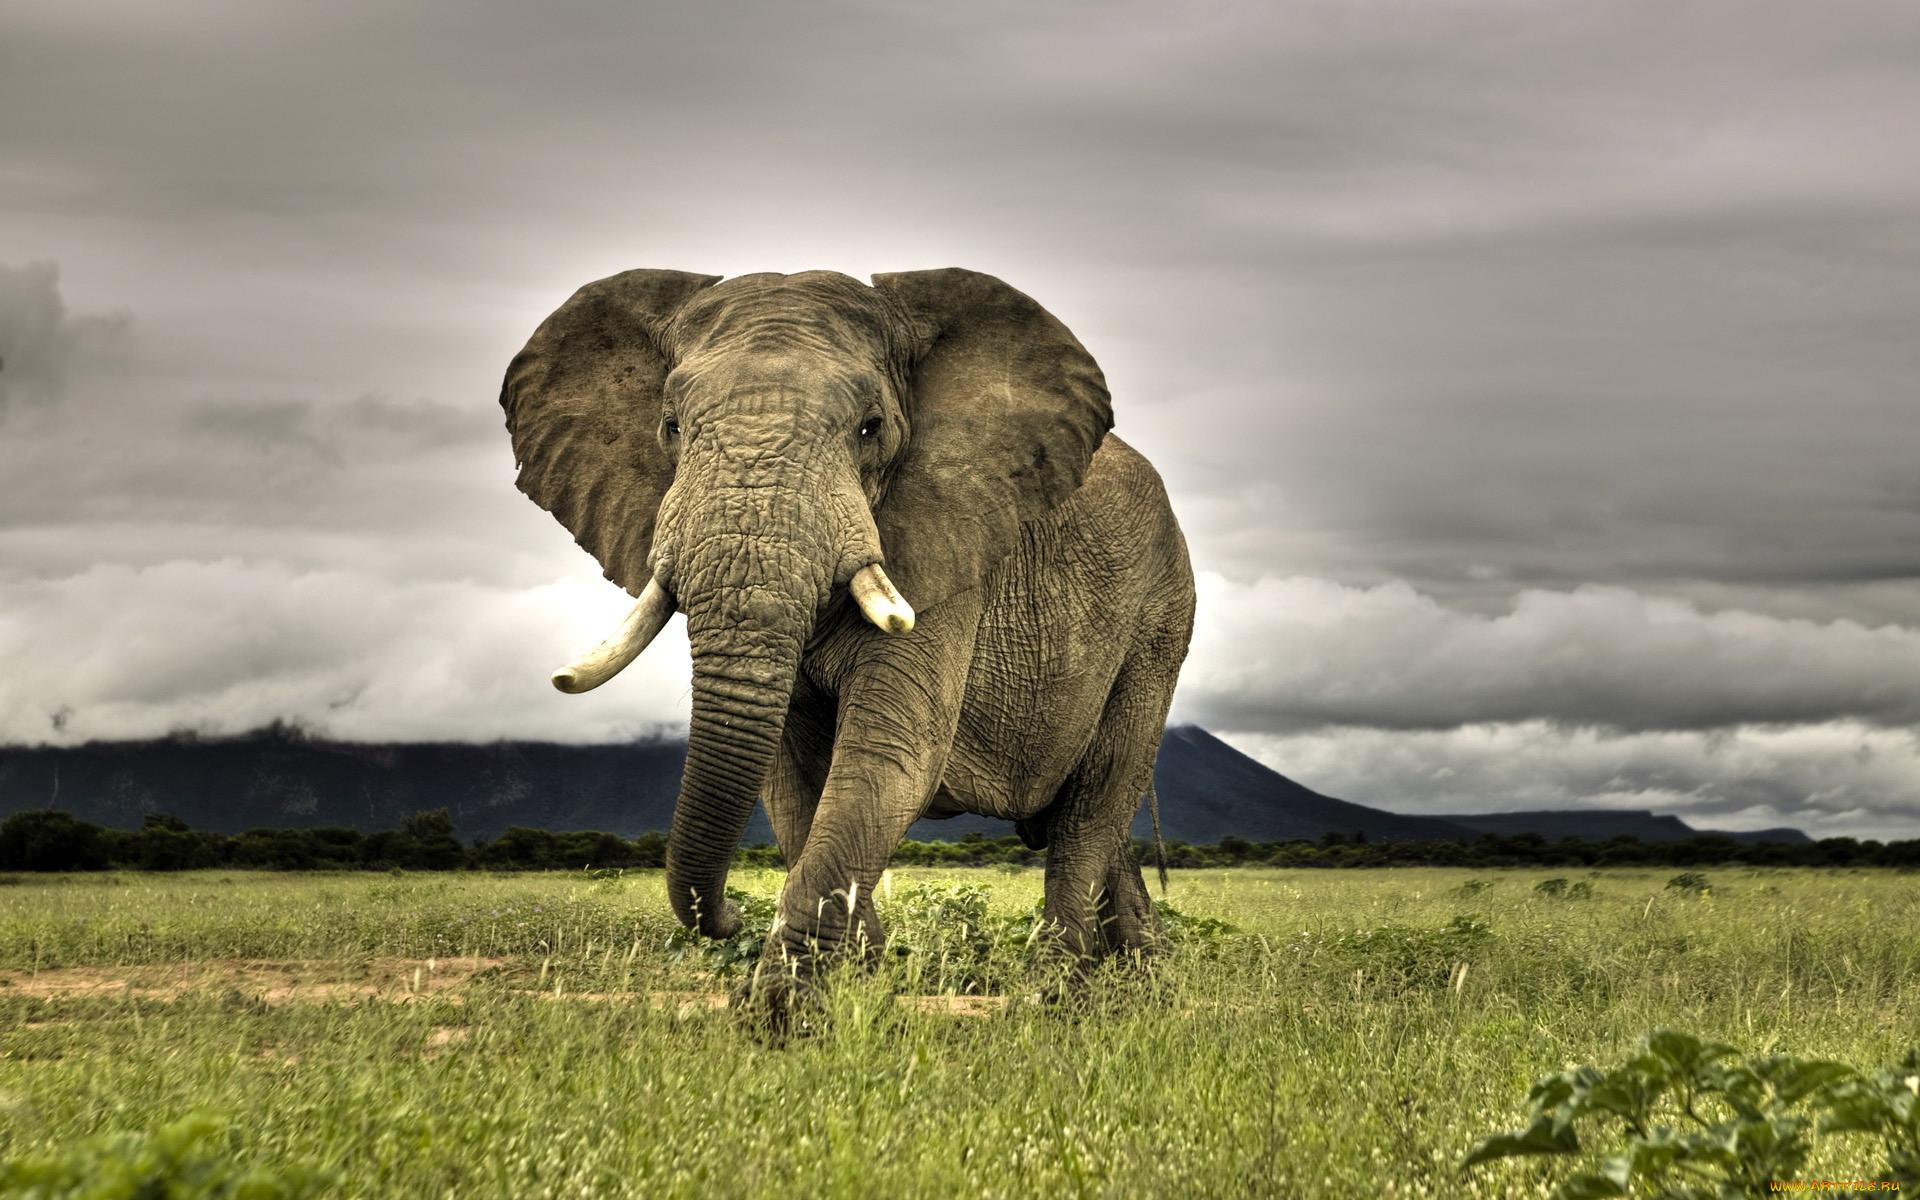 картинка самого большого животного получили реальные сроки